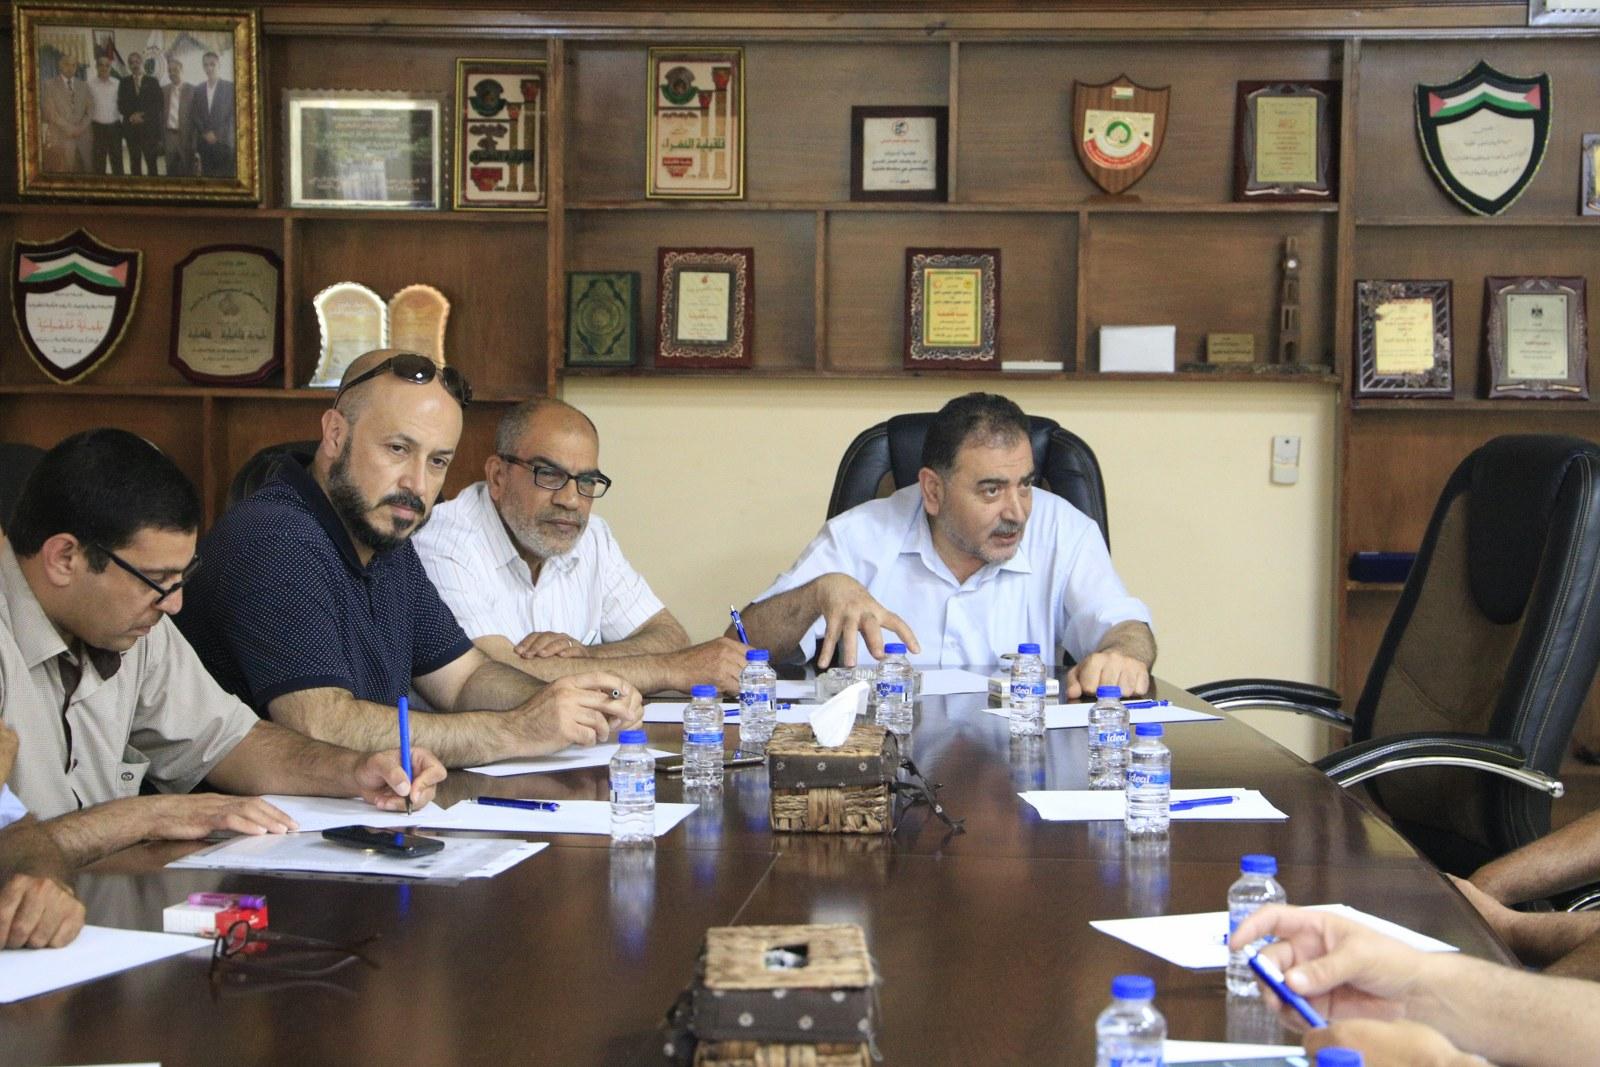 بلدية قلقيلية تستكمل لقاءها السابق مع اصحاب المشاتل الزراعية في مدينة قلقيلية